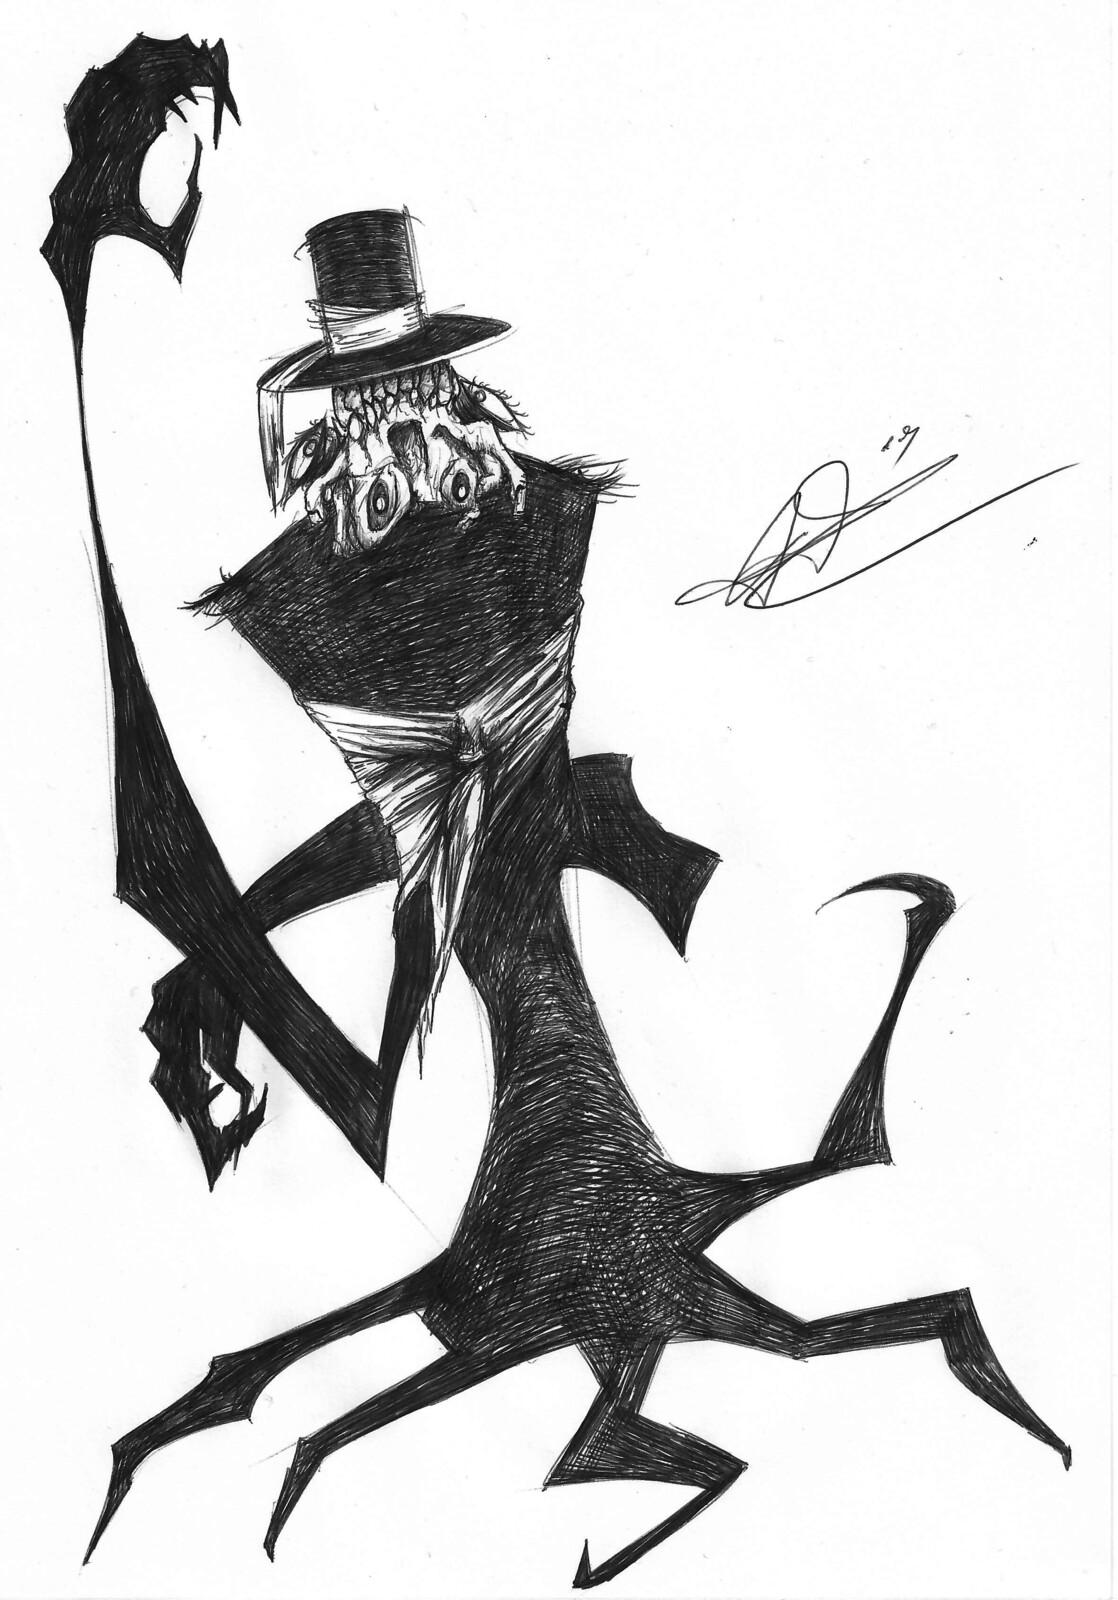 Sketch 0027